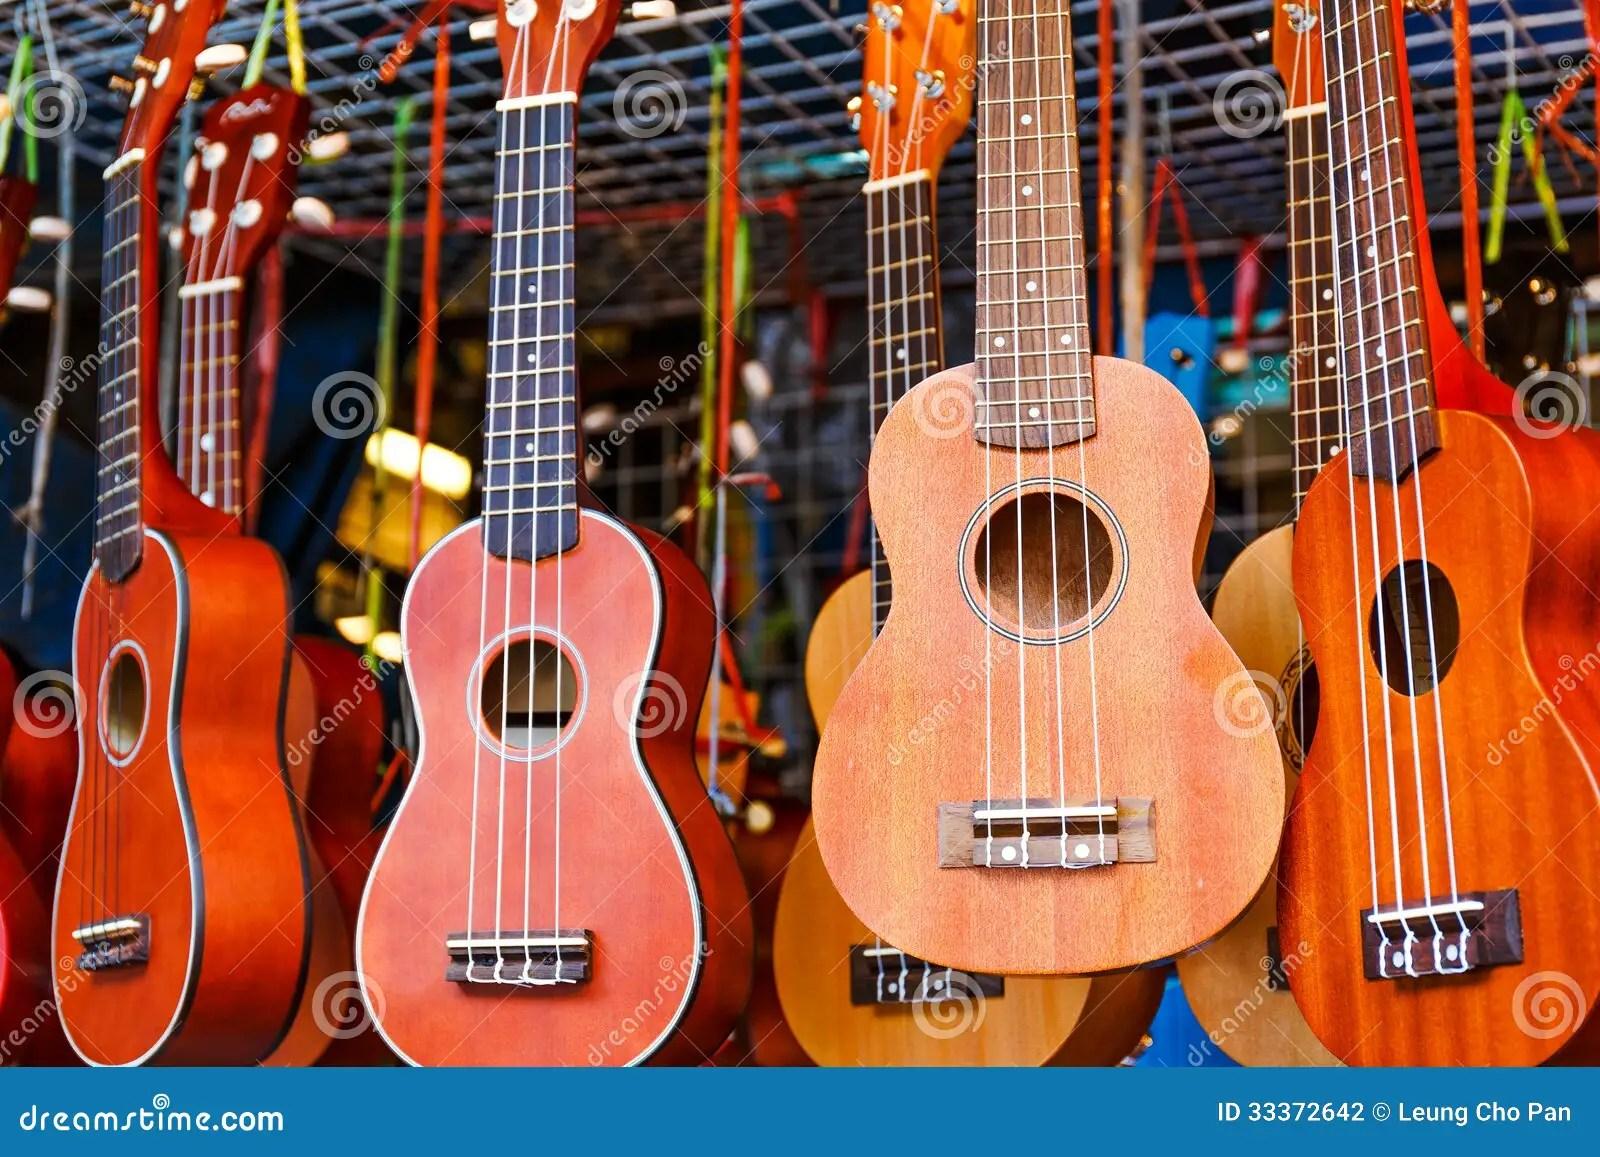 Ukulele guitar stock photo Image of stringed hanging